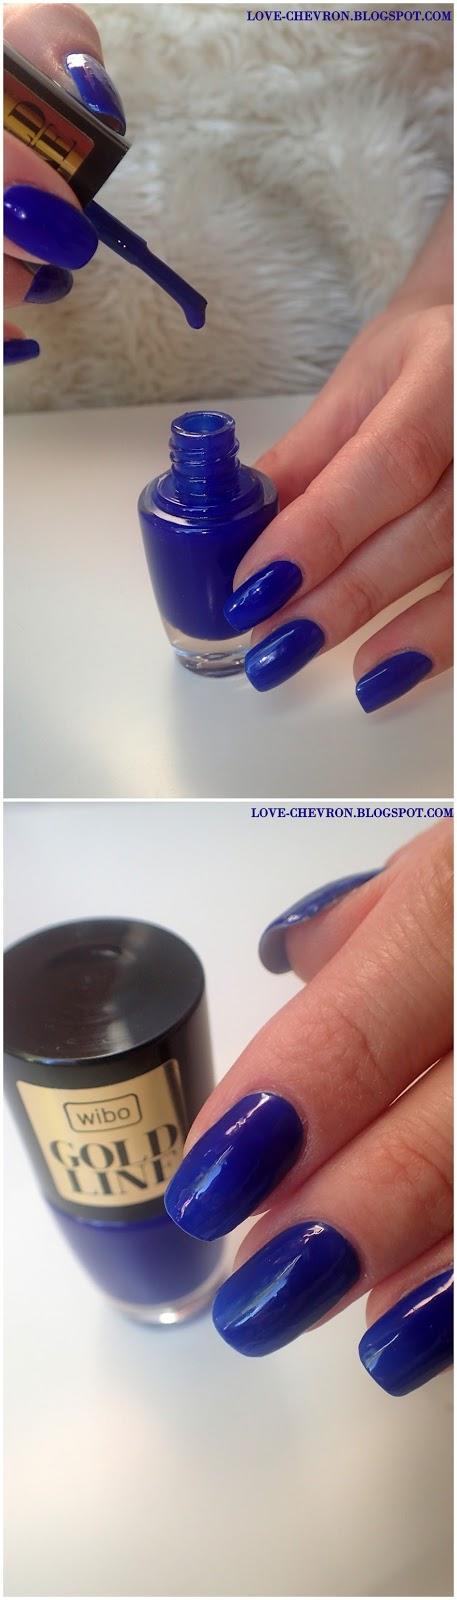 lakier do paznokci wibo kobaltowy